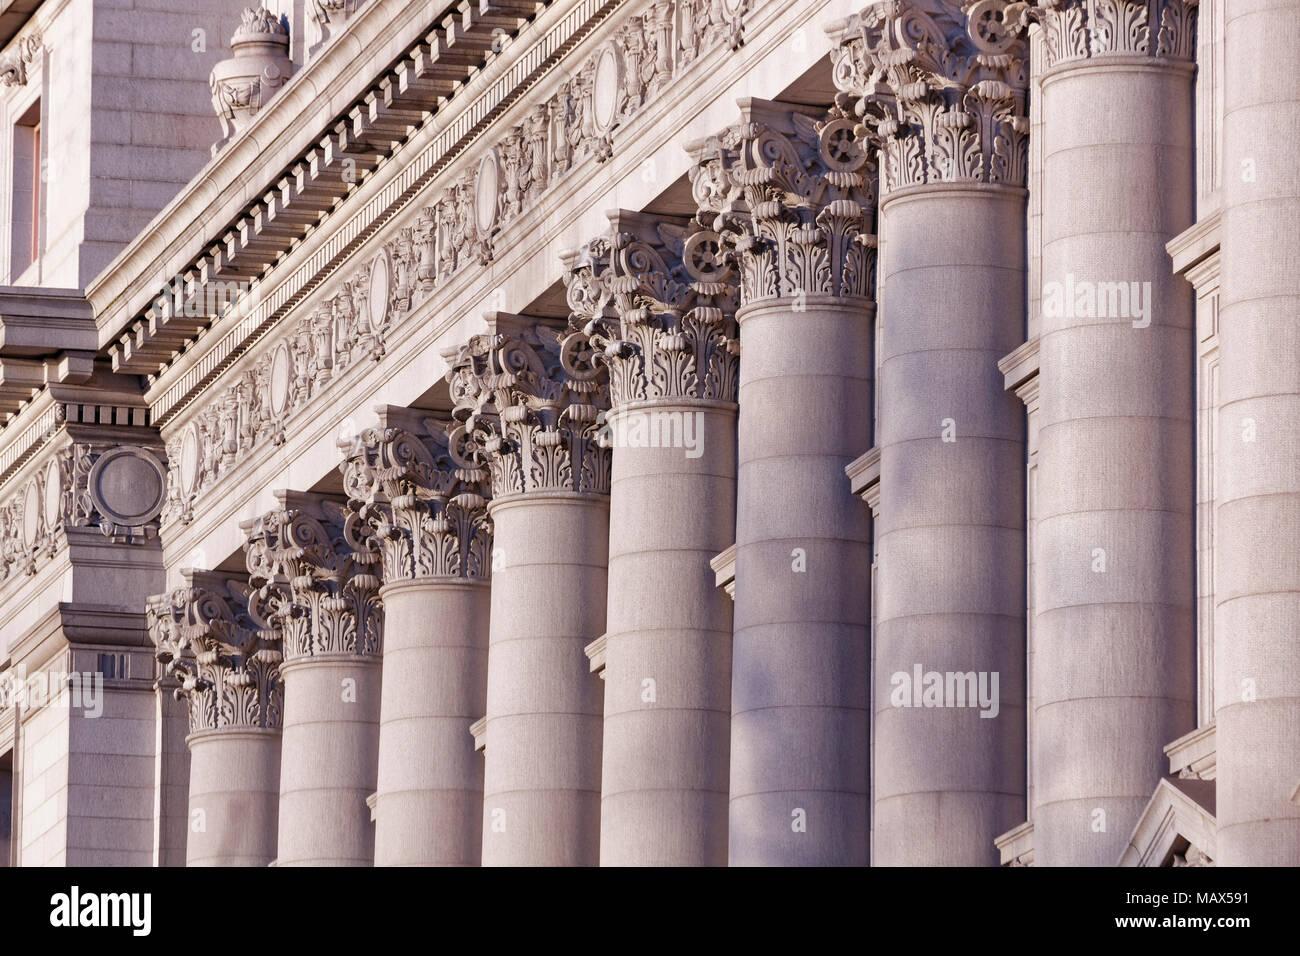 corinthian columns stock photos corinthian columns stock images